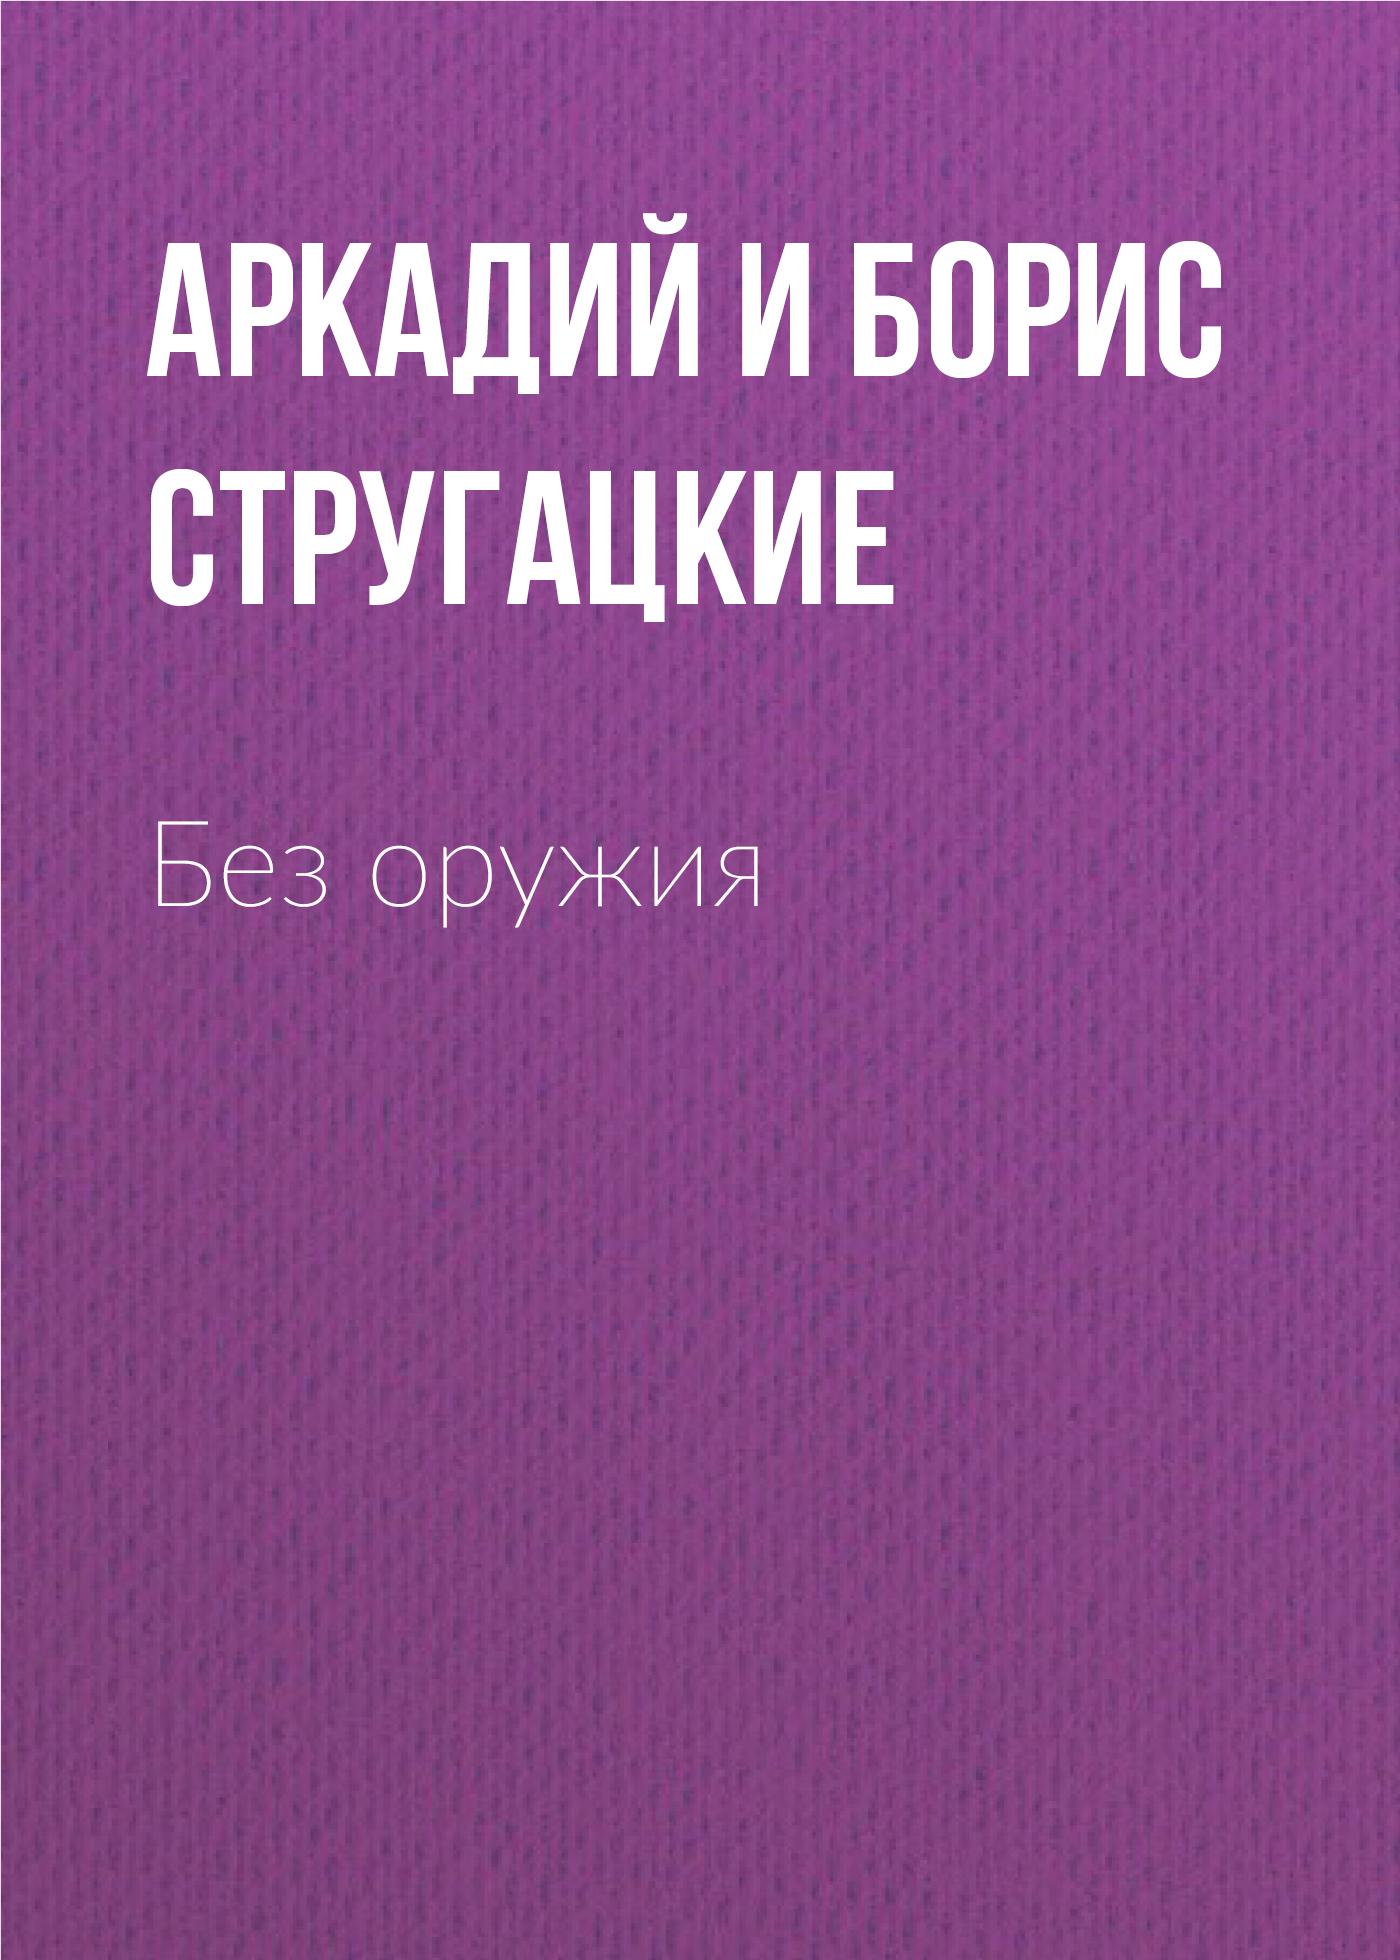 Аркадий и Борис Стругацкие Без оружия аркадий и борис стругацкие затерянный в толпе